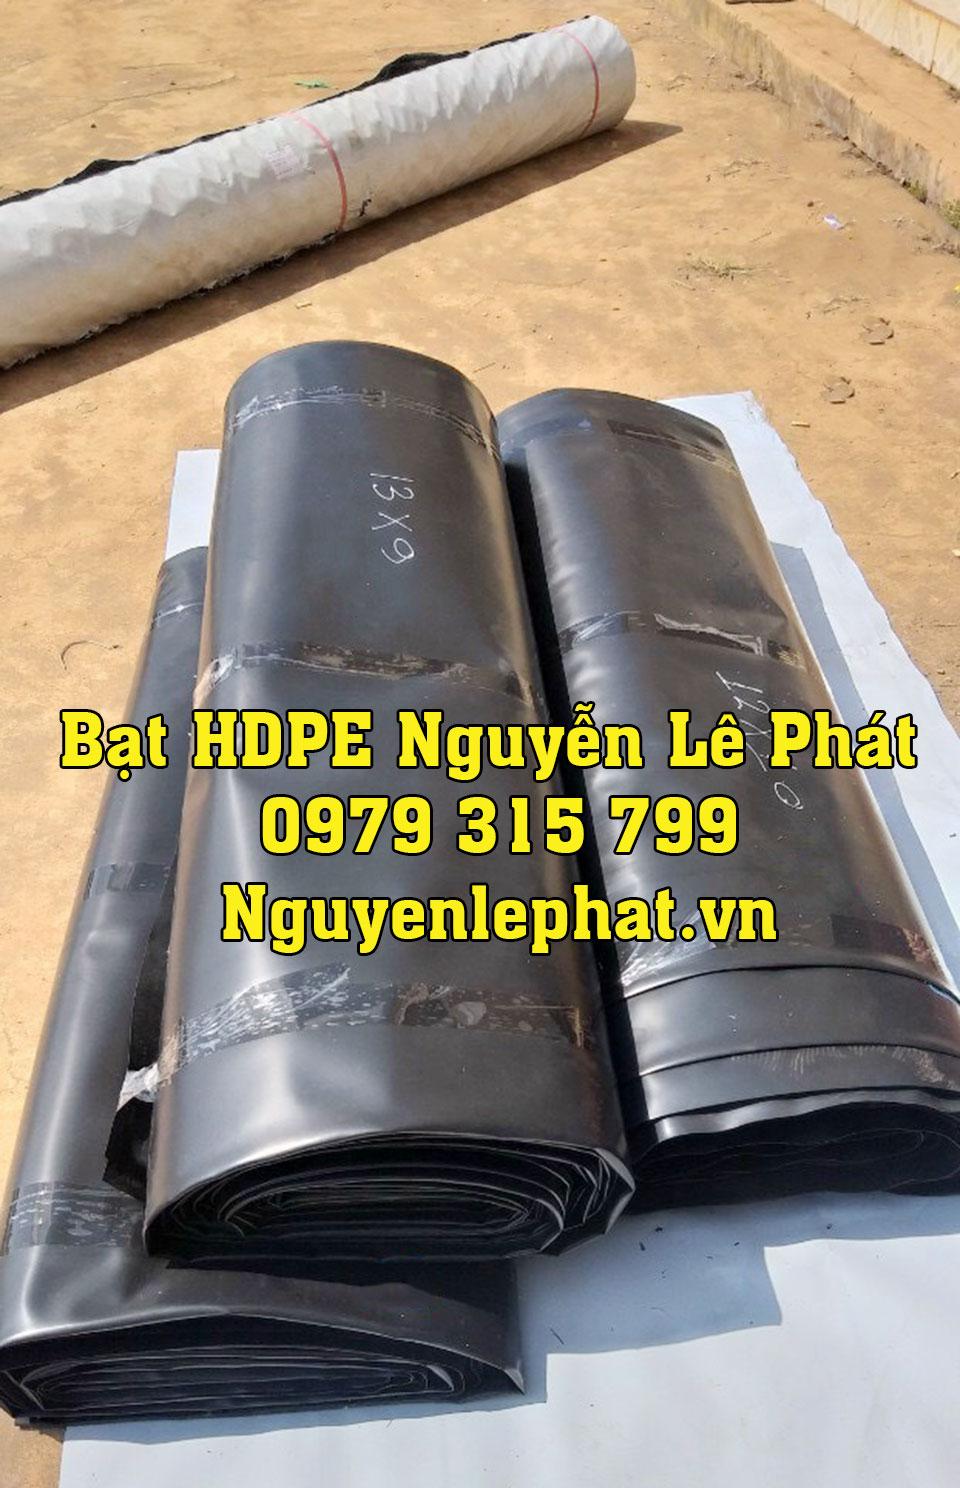 Báo giá bạt nhựa đen 2 mặt HDPE lót hồ nuôi tôm cá chứa